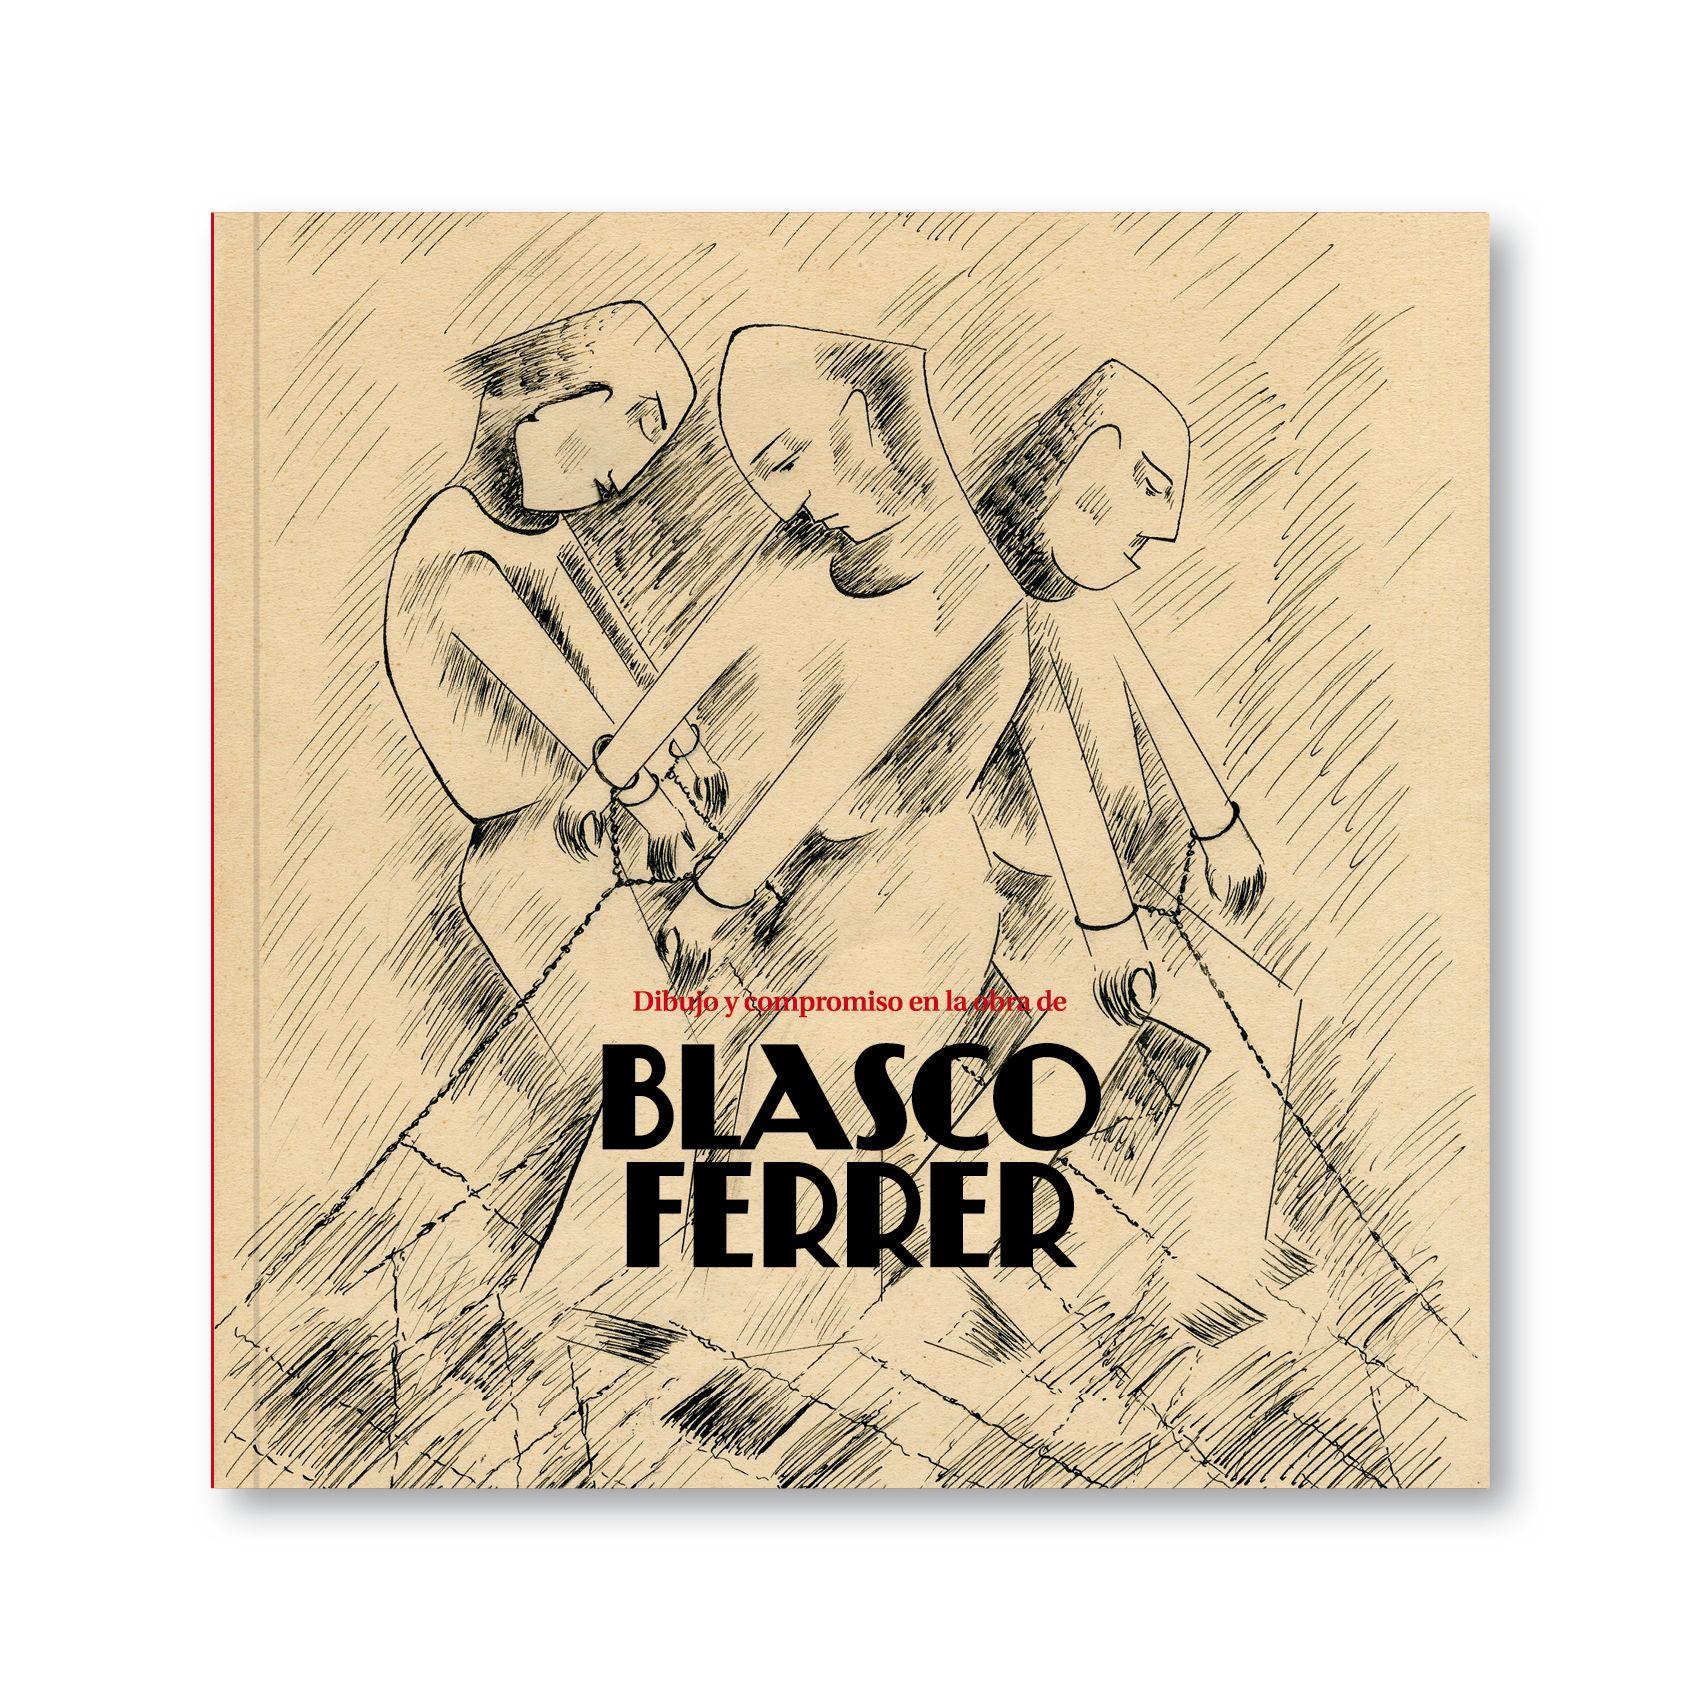 Catálogo para la exposición Dibujo y compromiso en la obra de Blasco Ferrer